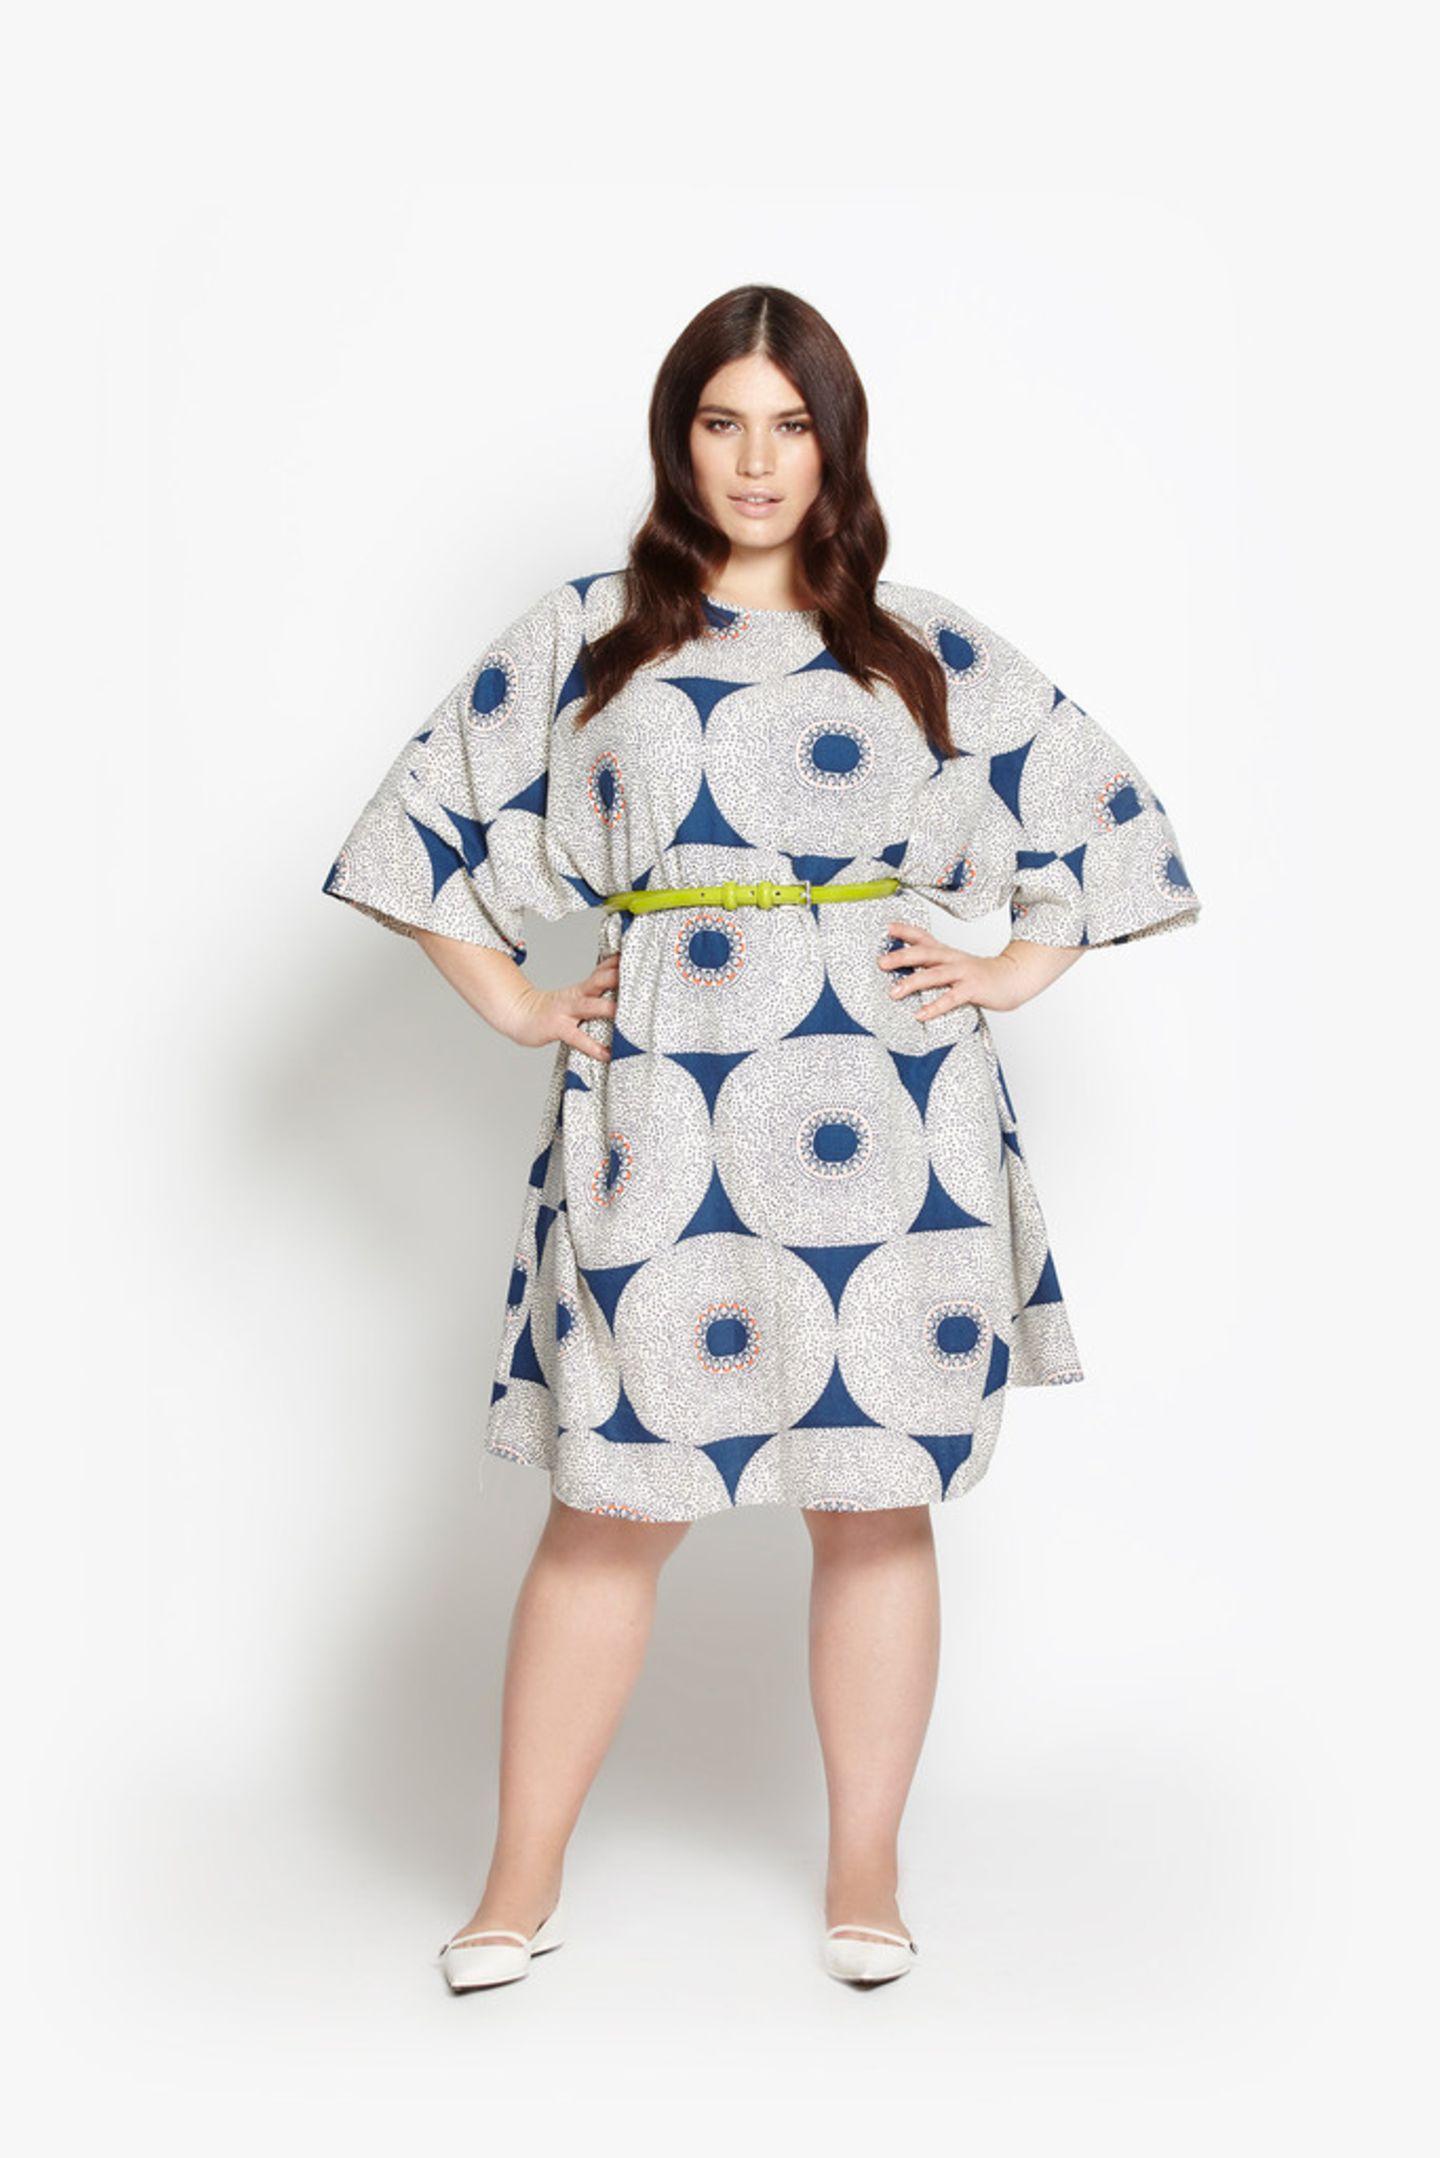 Das ausgestellte Kleid mit Sixties-Print und weiten Ärmeln kostet rund 179 Euro.